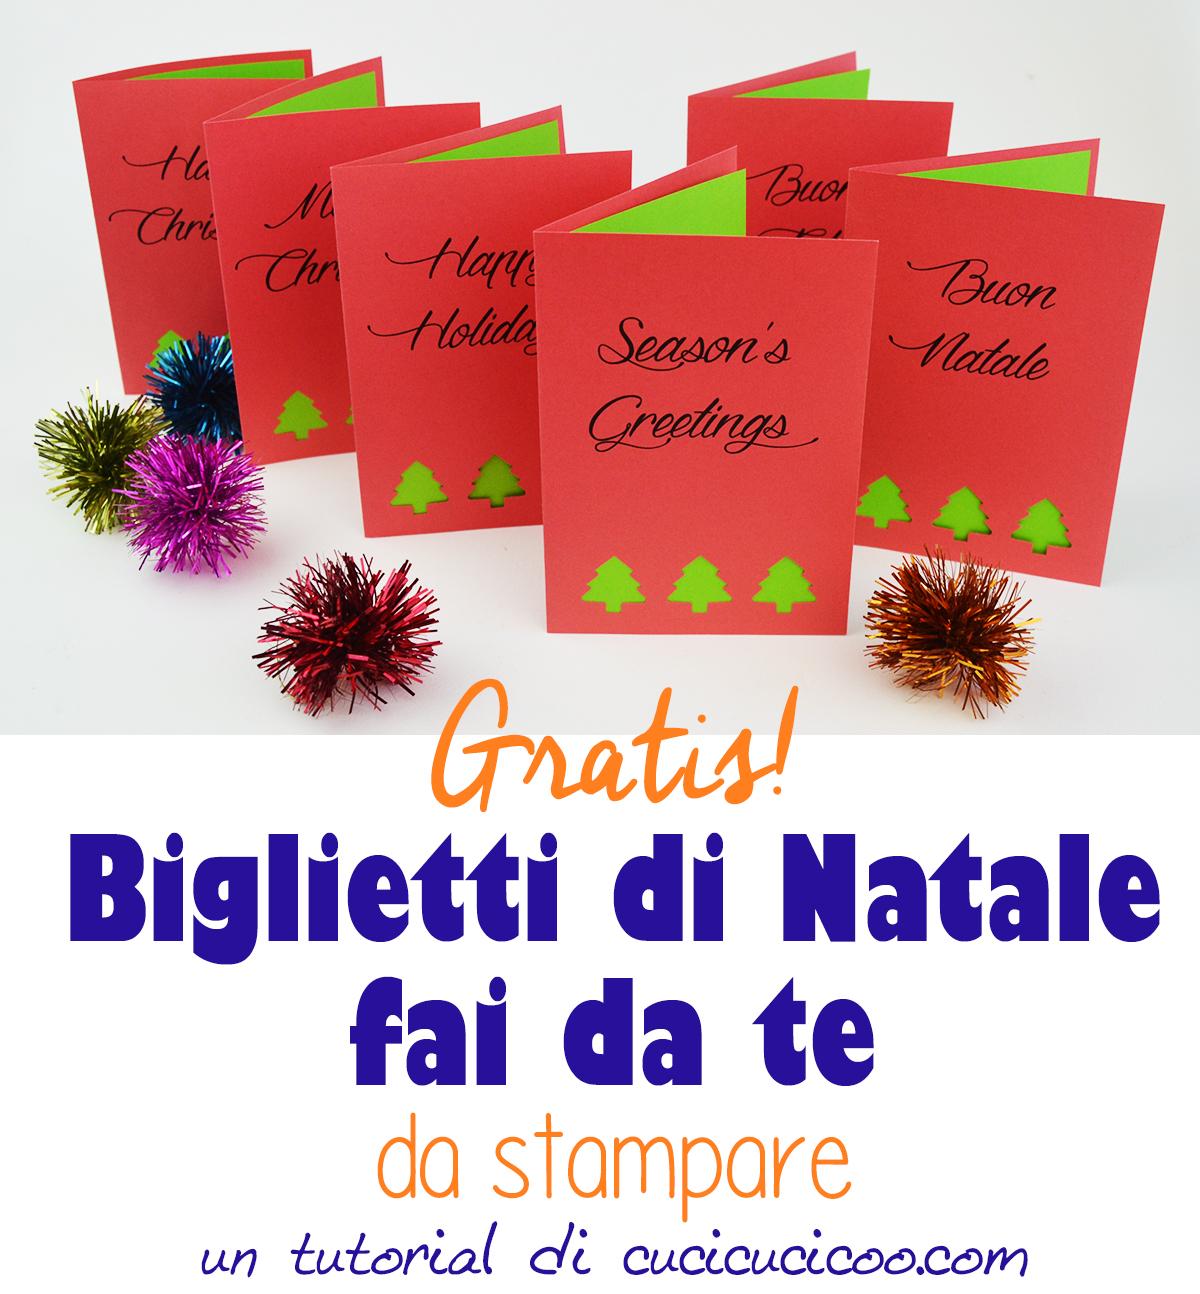 Stampa gratis dei biglietti di Natale fai da te da assemblare in pochi minuti! #bigliettodinatale #auguridinatale